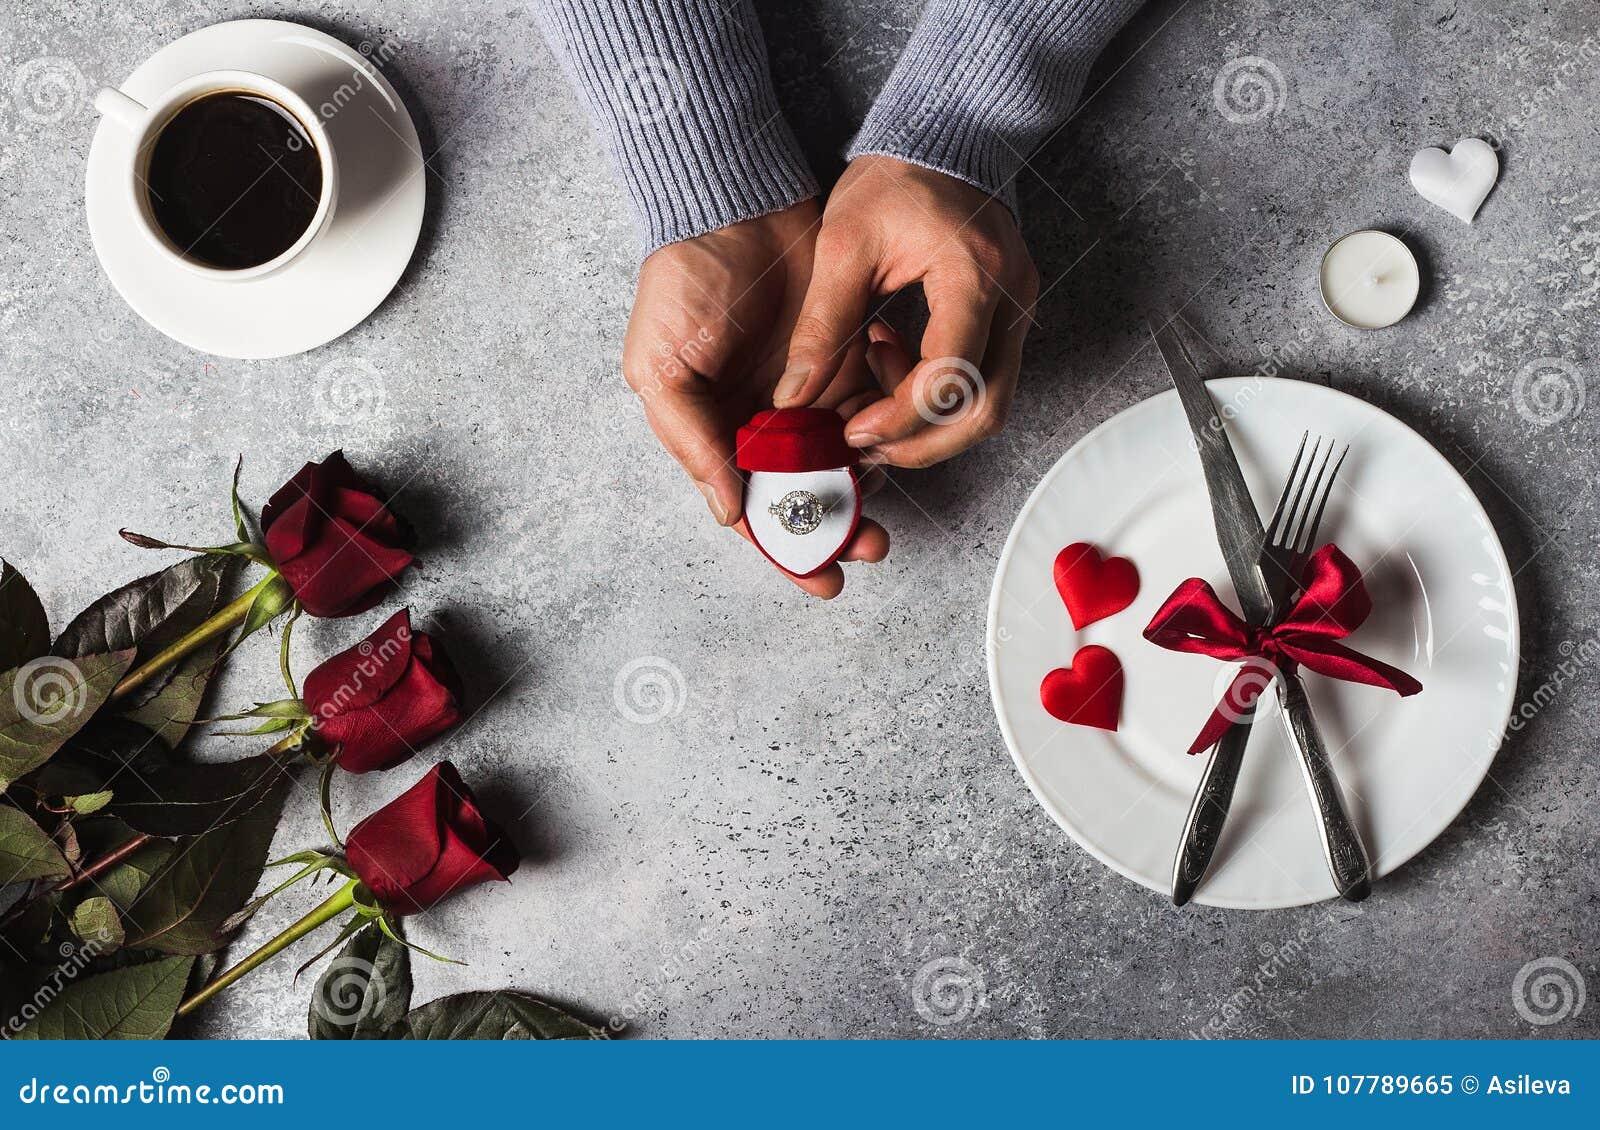 Рука человека сервировки стола обедающего дня валентинок романтичная держа обручальное кольцо